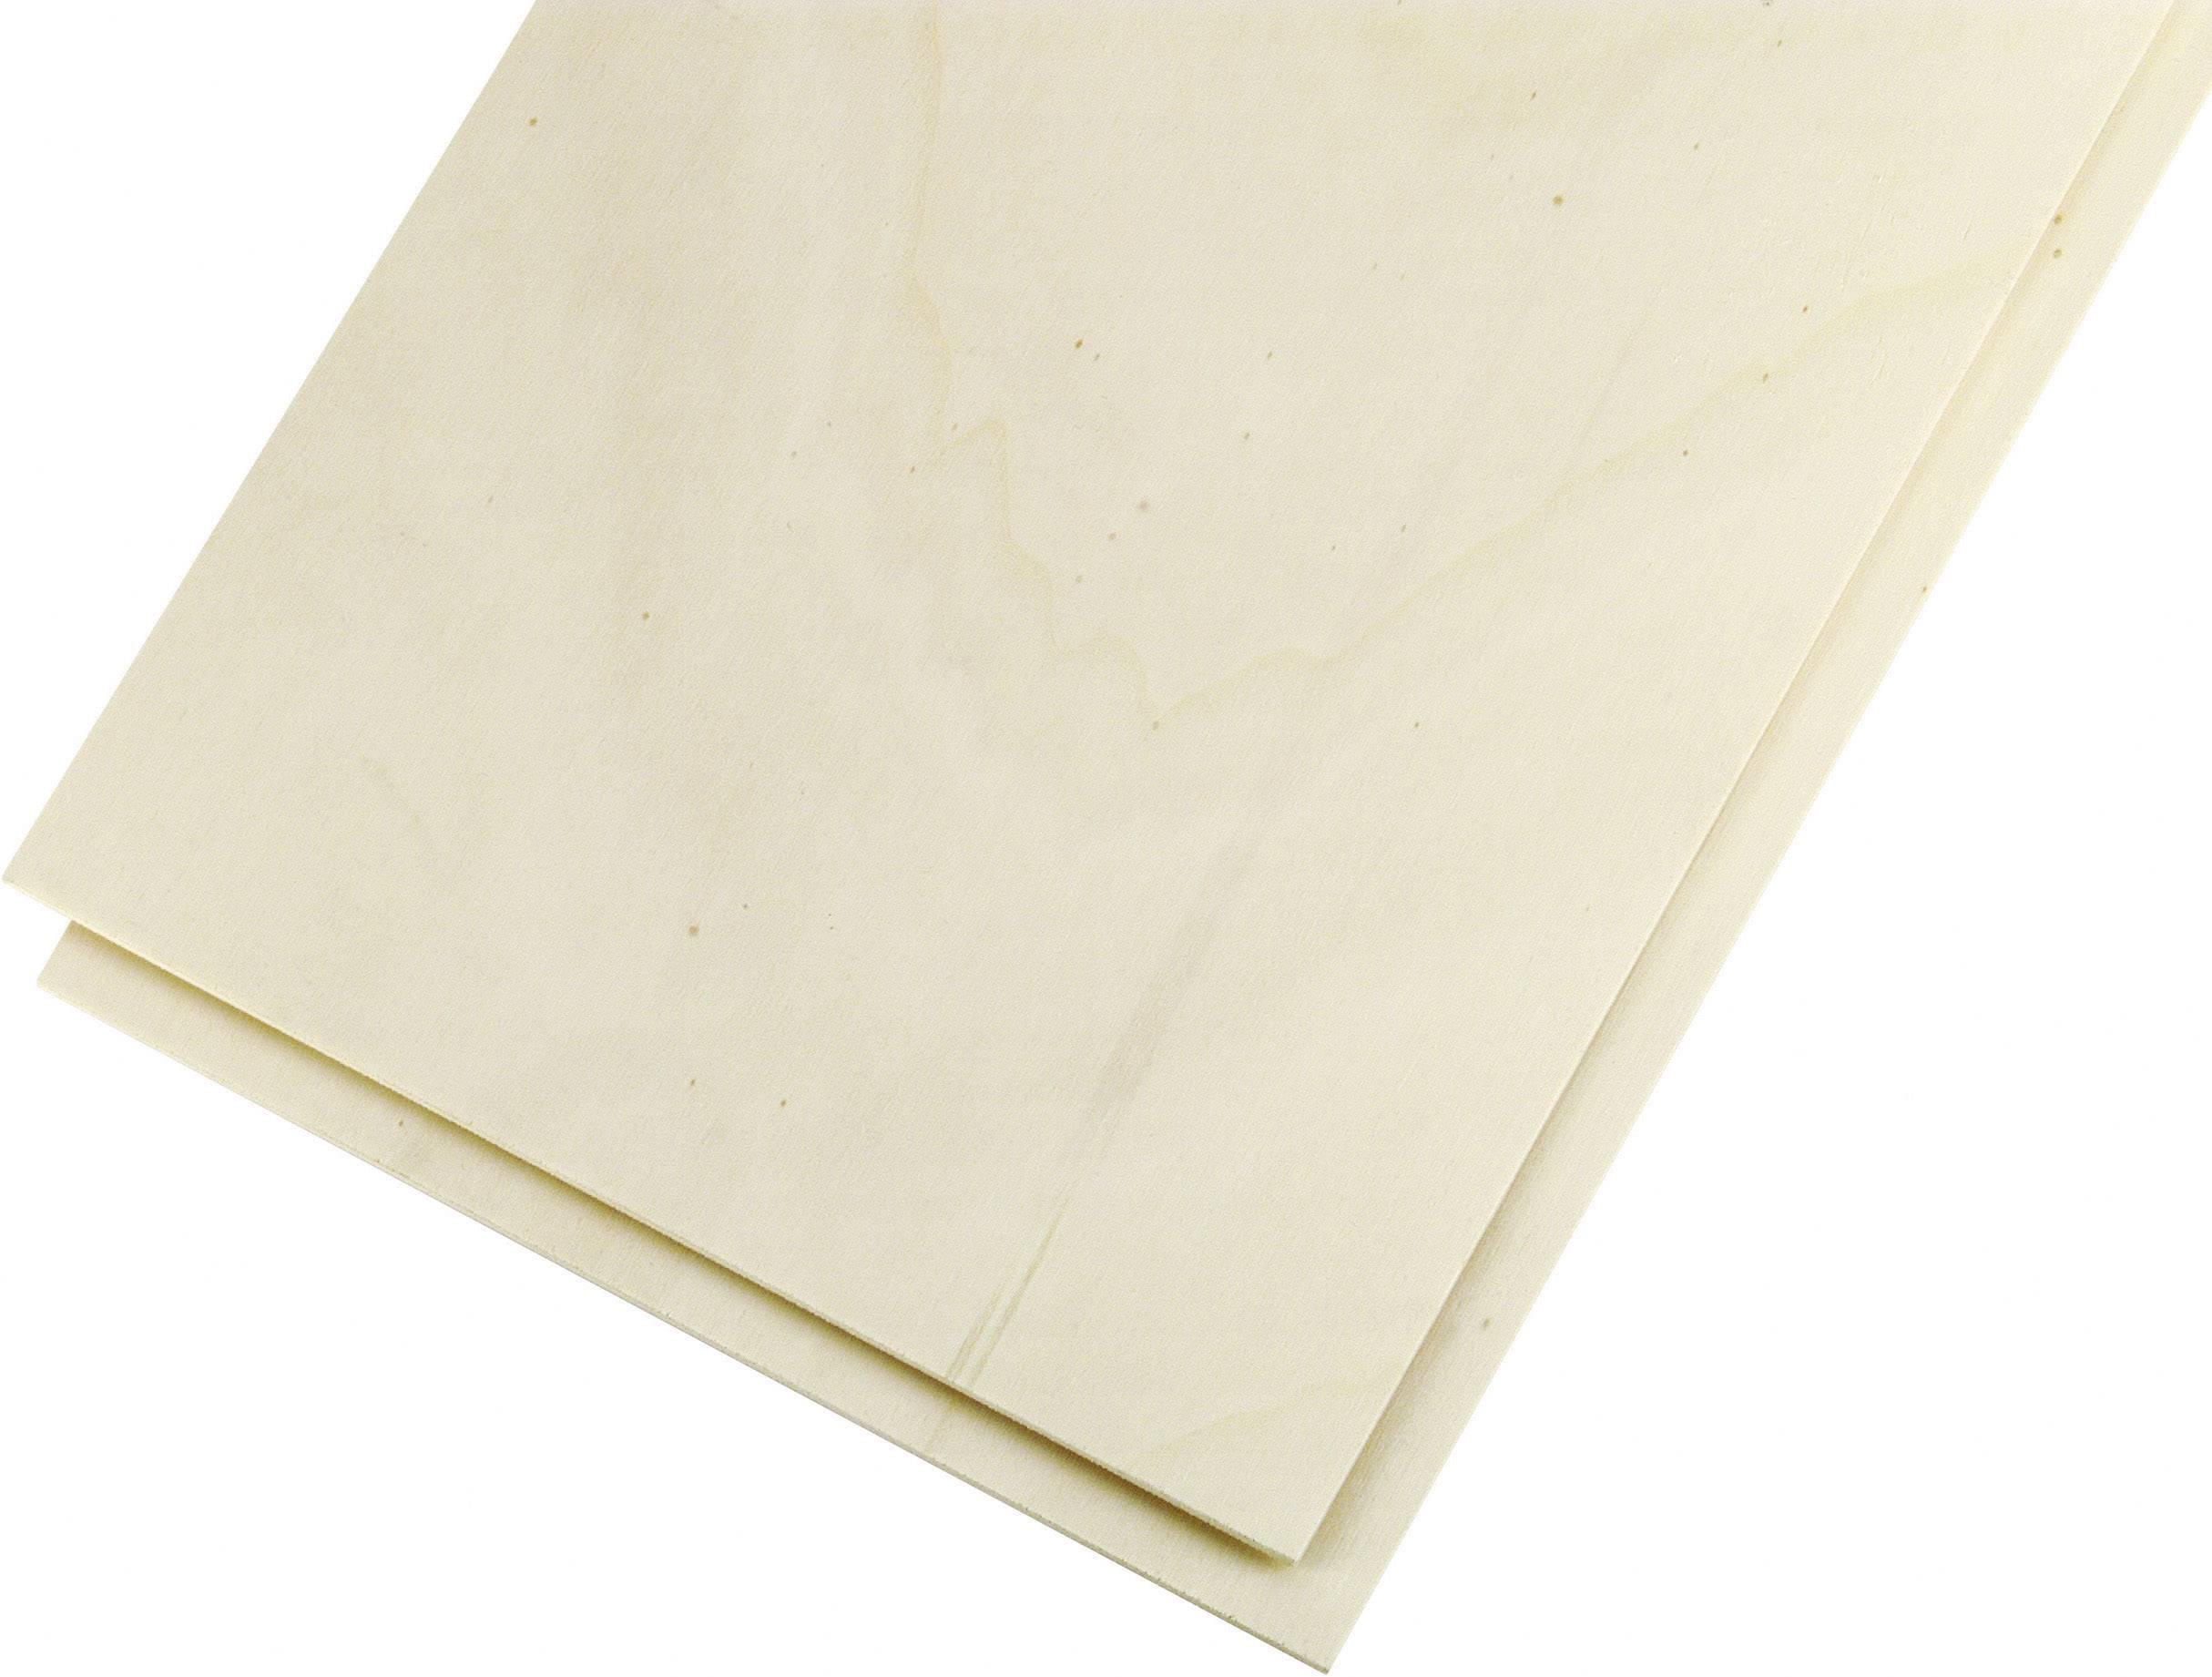 Překližka z topolového dřeva 500 x 250 x 10 mm, 2 ks